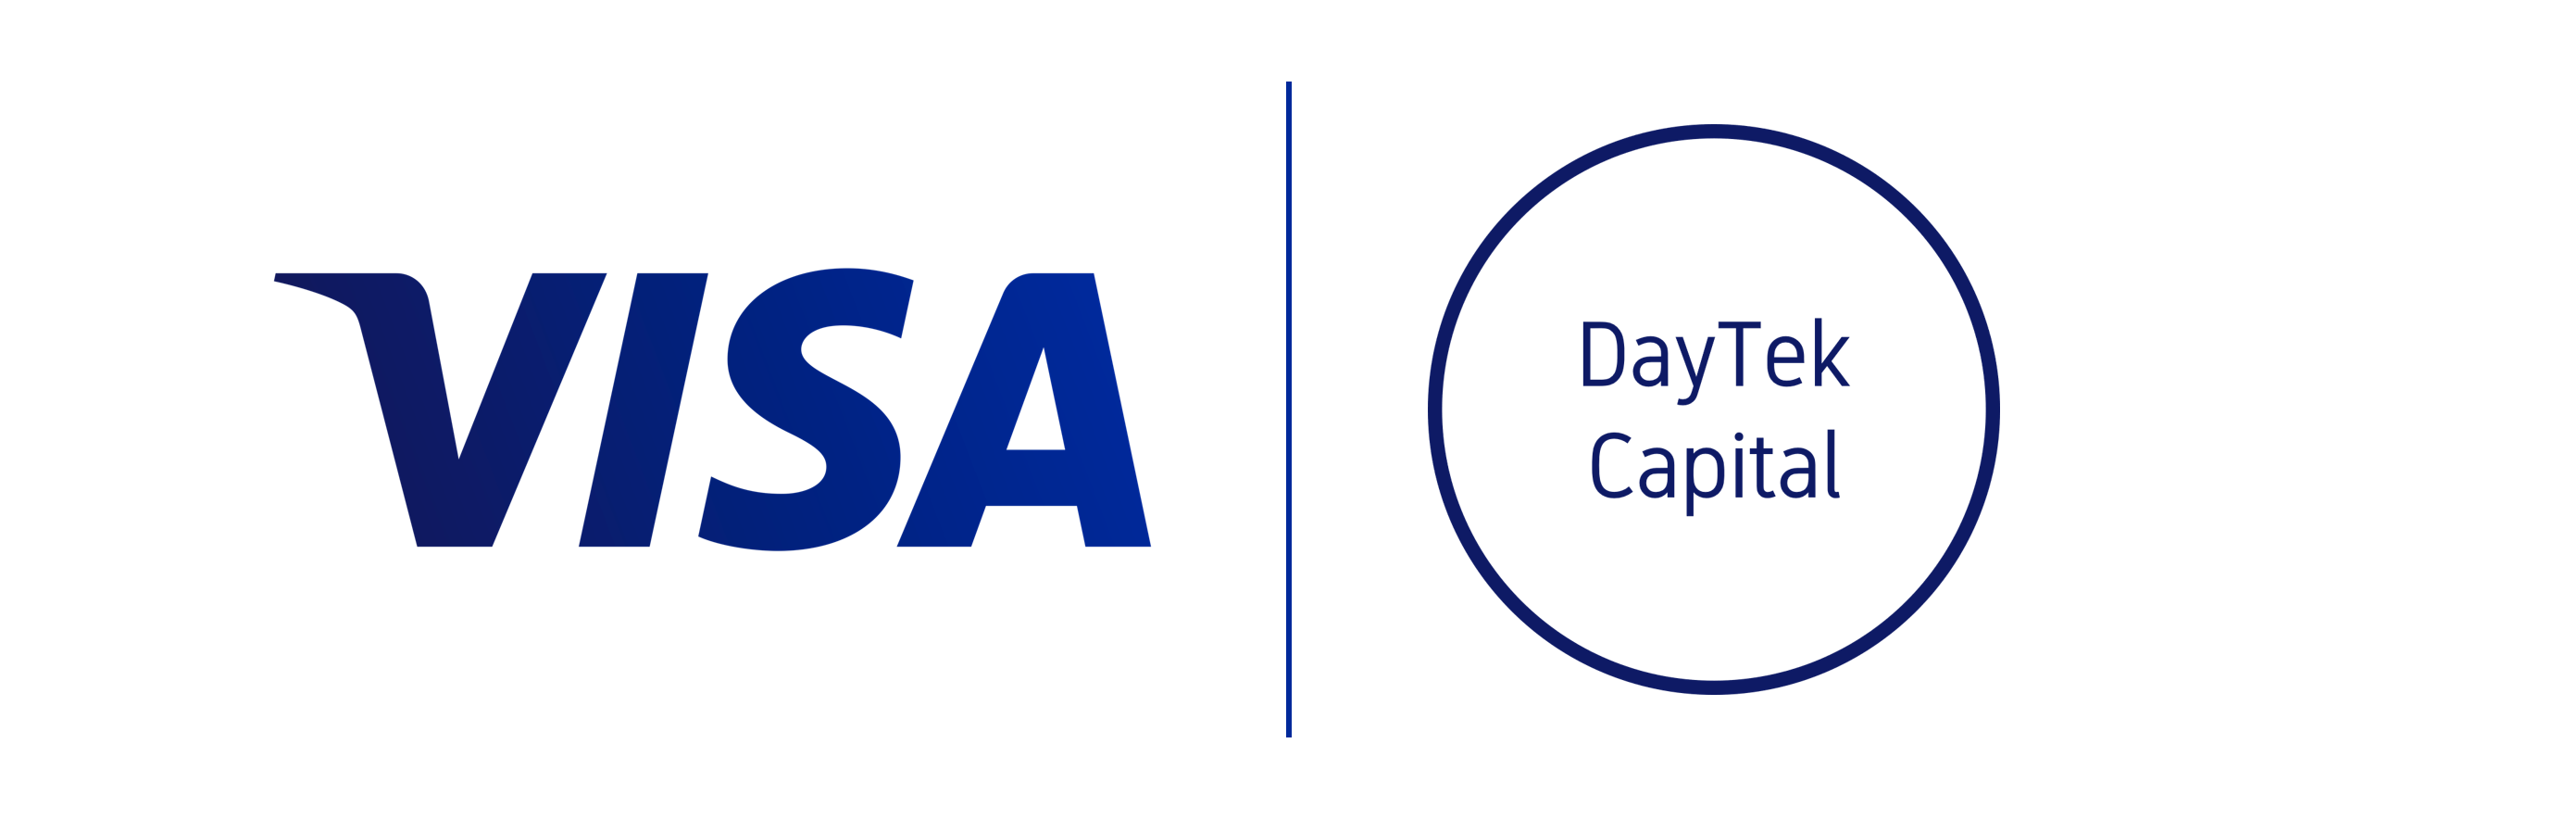 Visa X DayTek